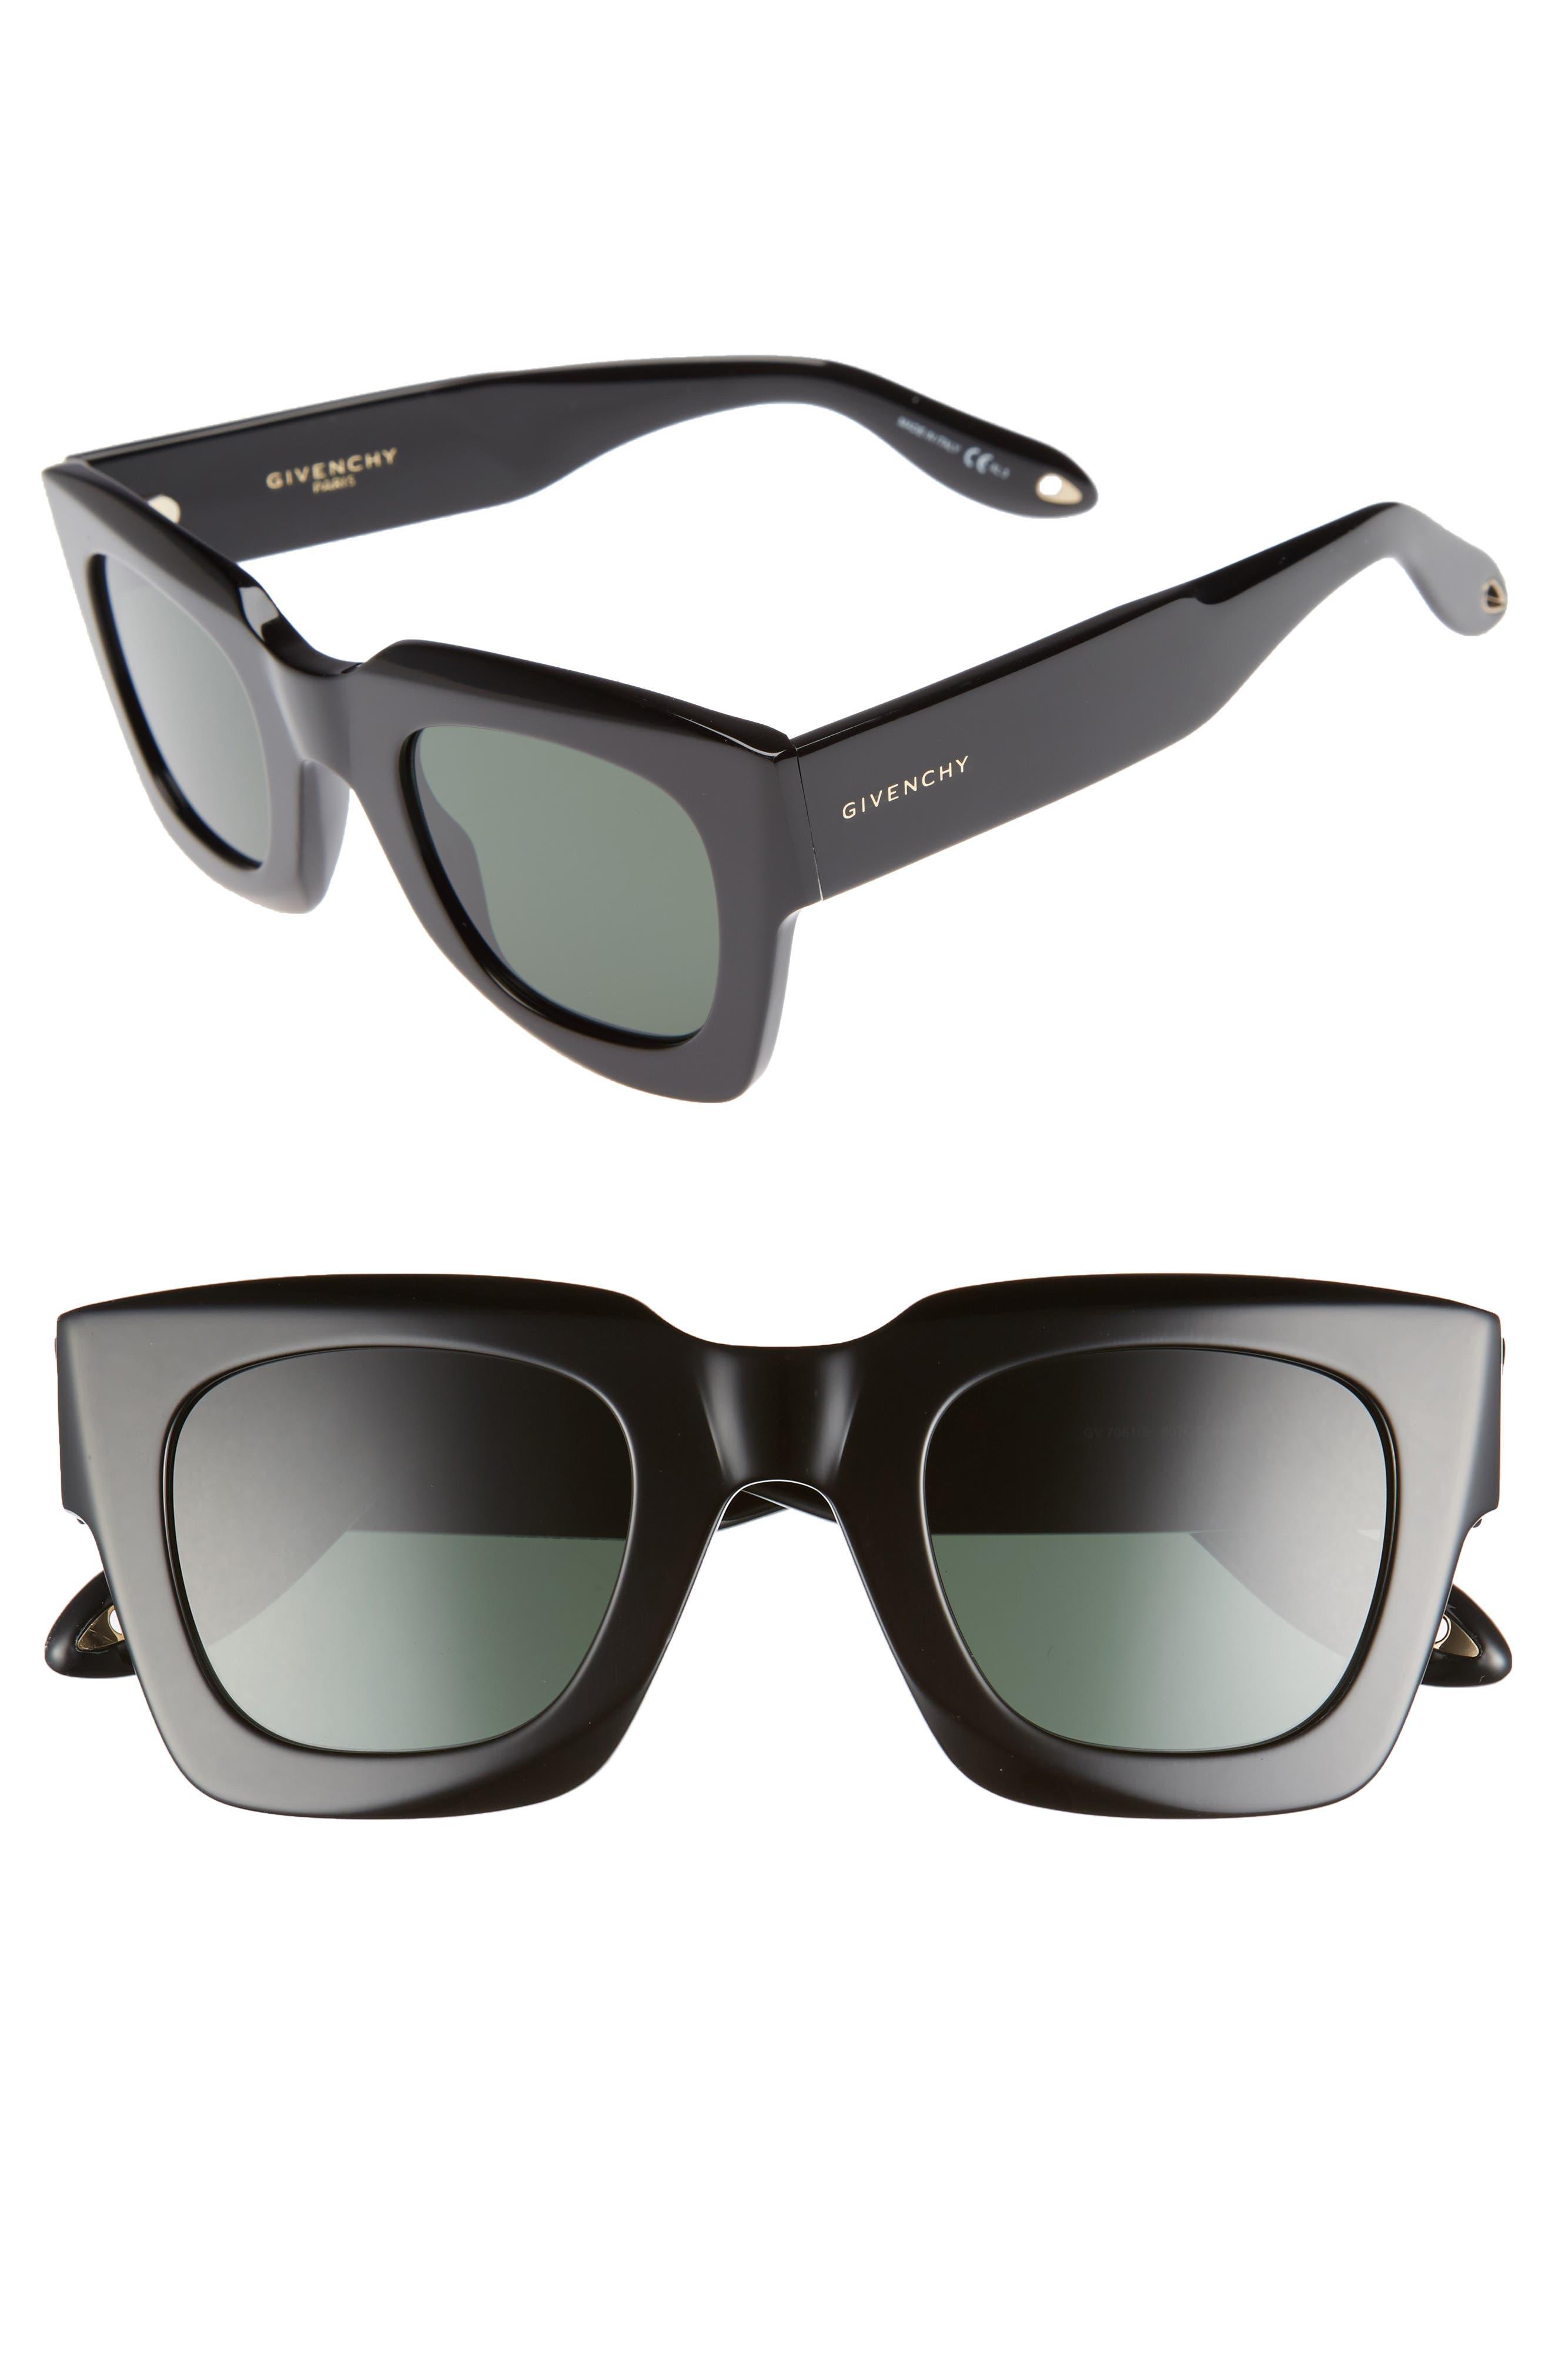 48mm Square Sunglasses,                             Main thumbnail 1, color,                             Black